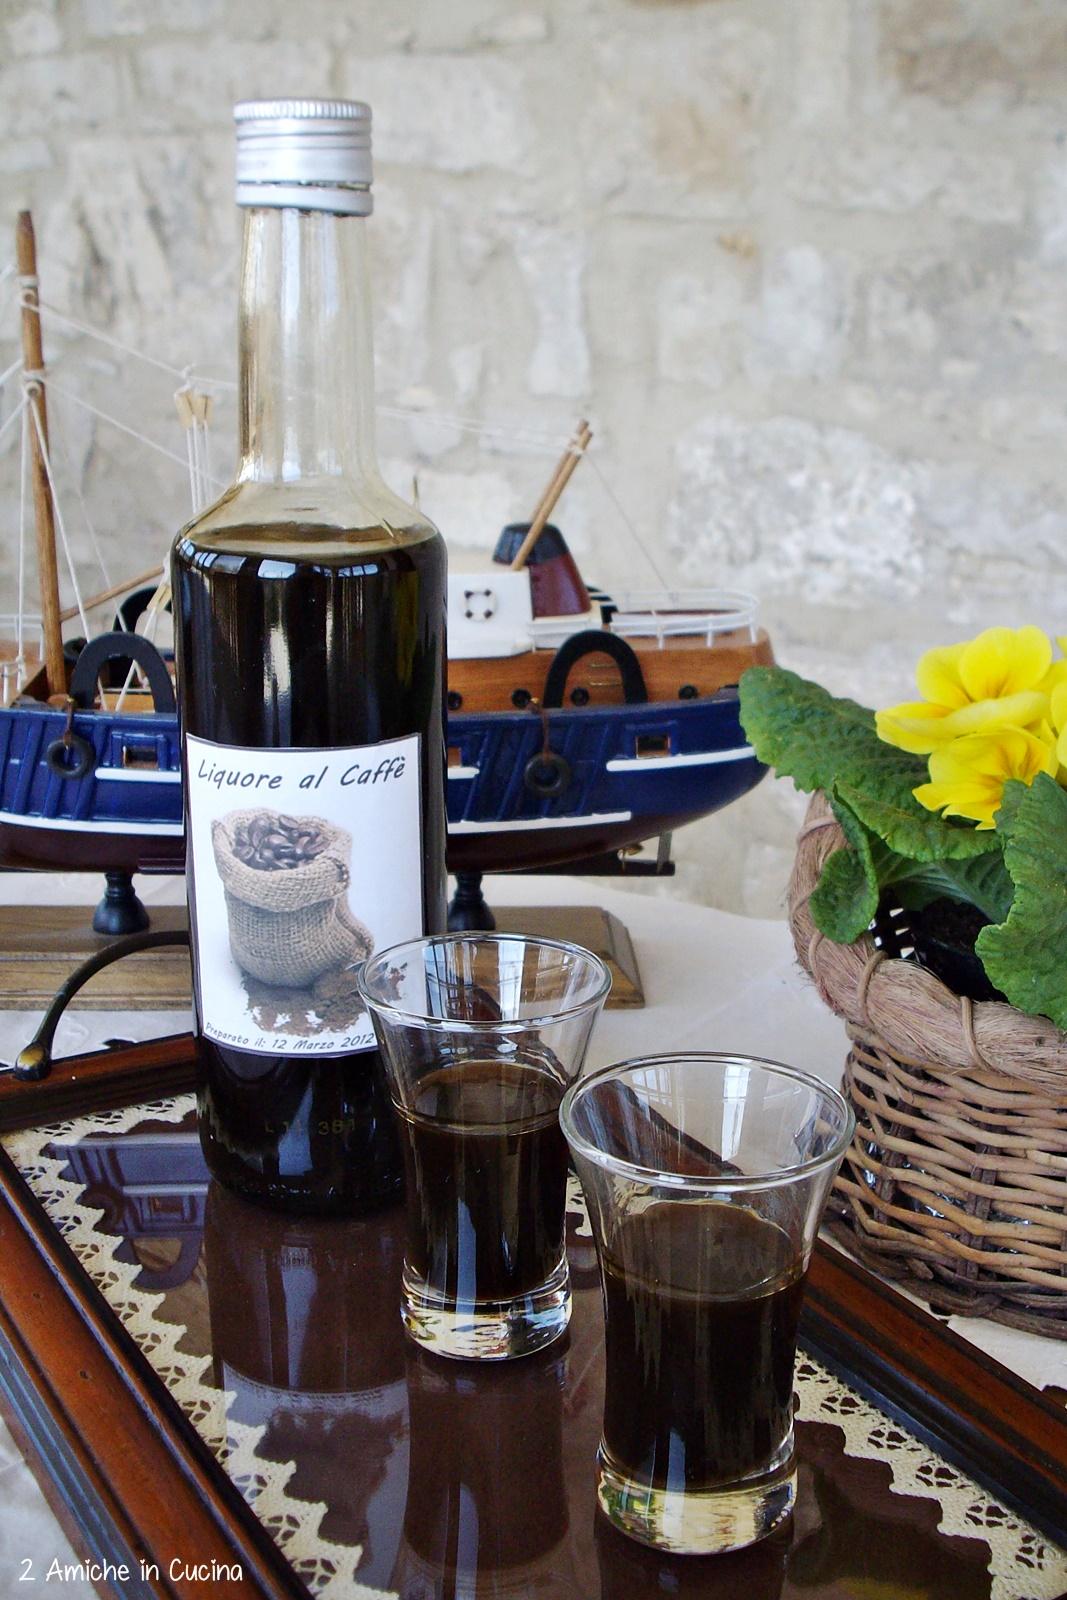 Liquore al caffè - liquori fatti in casa